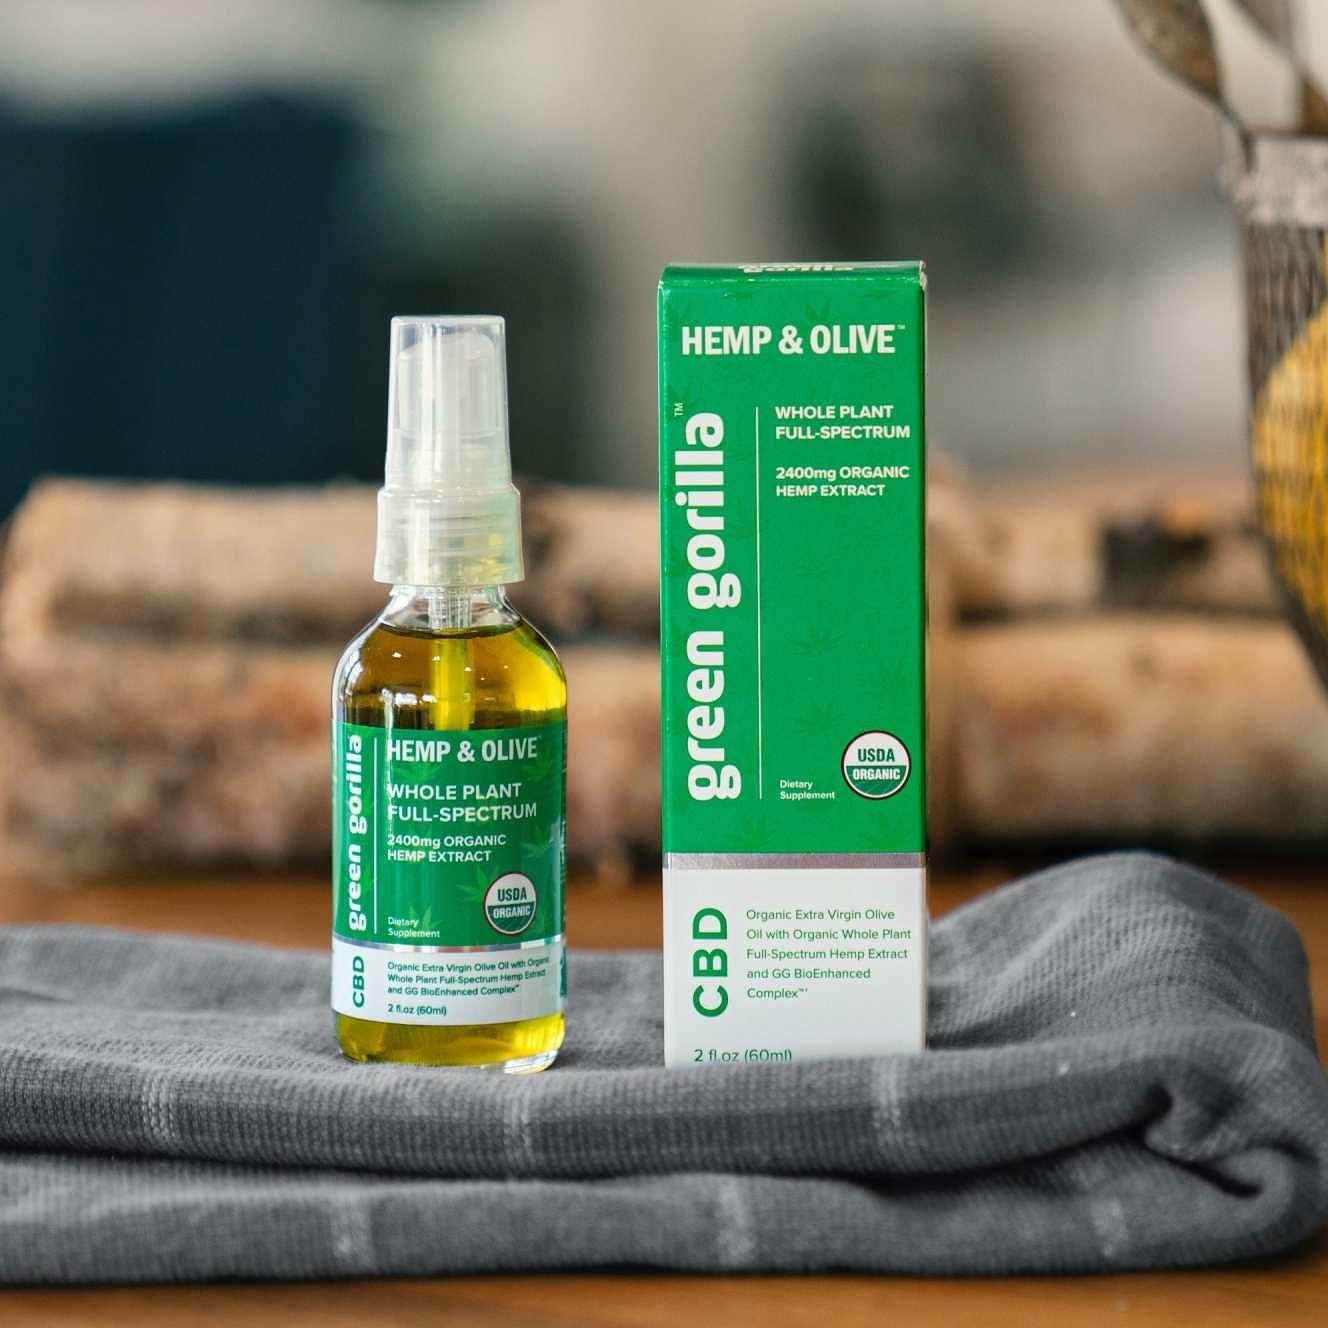 Hemp & Olive CBD oil sitting on a towel next to its box.